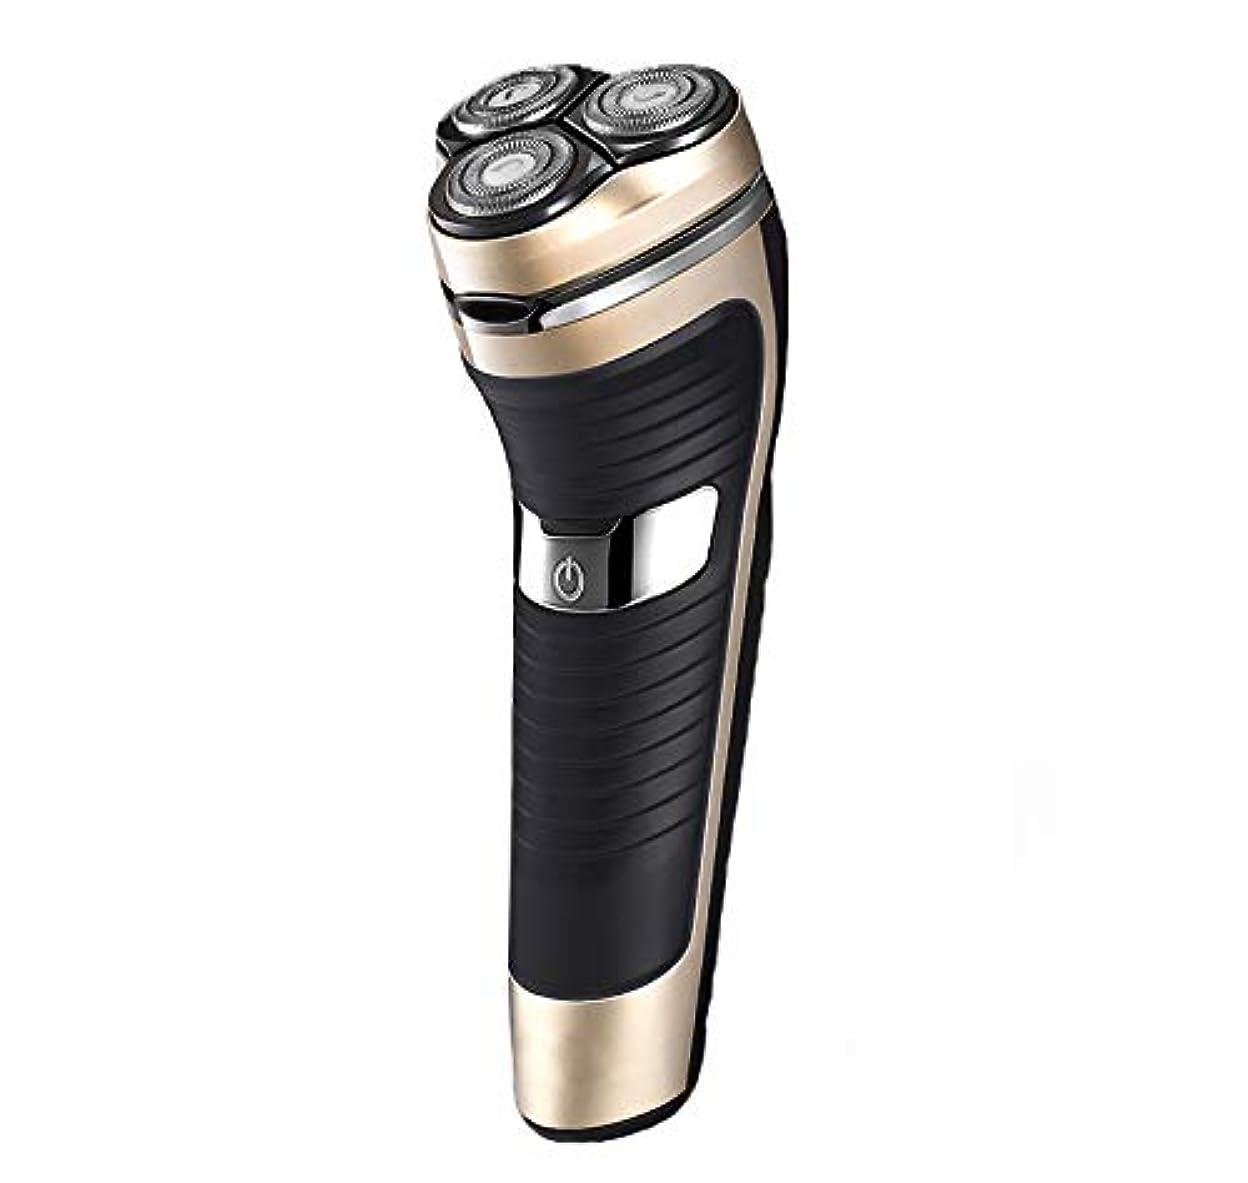 奨励マイクロプロセッサラウズひげそり 電動 メンズシェーバー,USB充電式 髭剃り 電気シェーバー 回転式 電気シェーバー IPX7防水 持ち運び便利 お風呂剃り丸洗い可 旅行用 家庭用